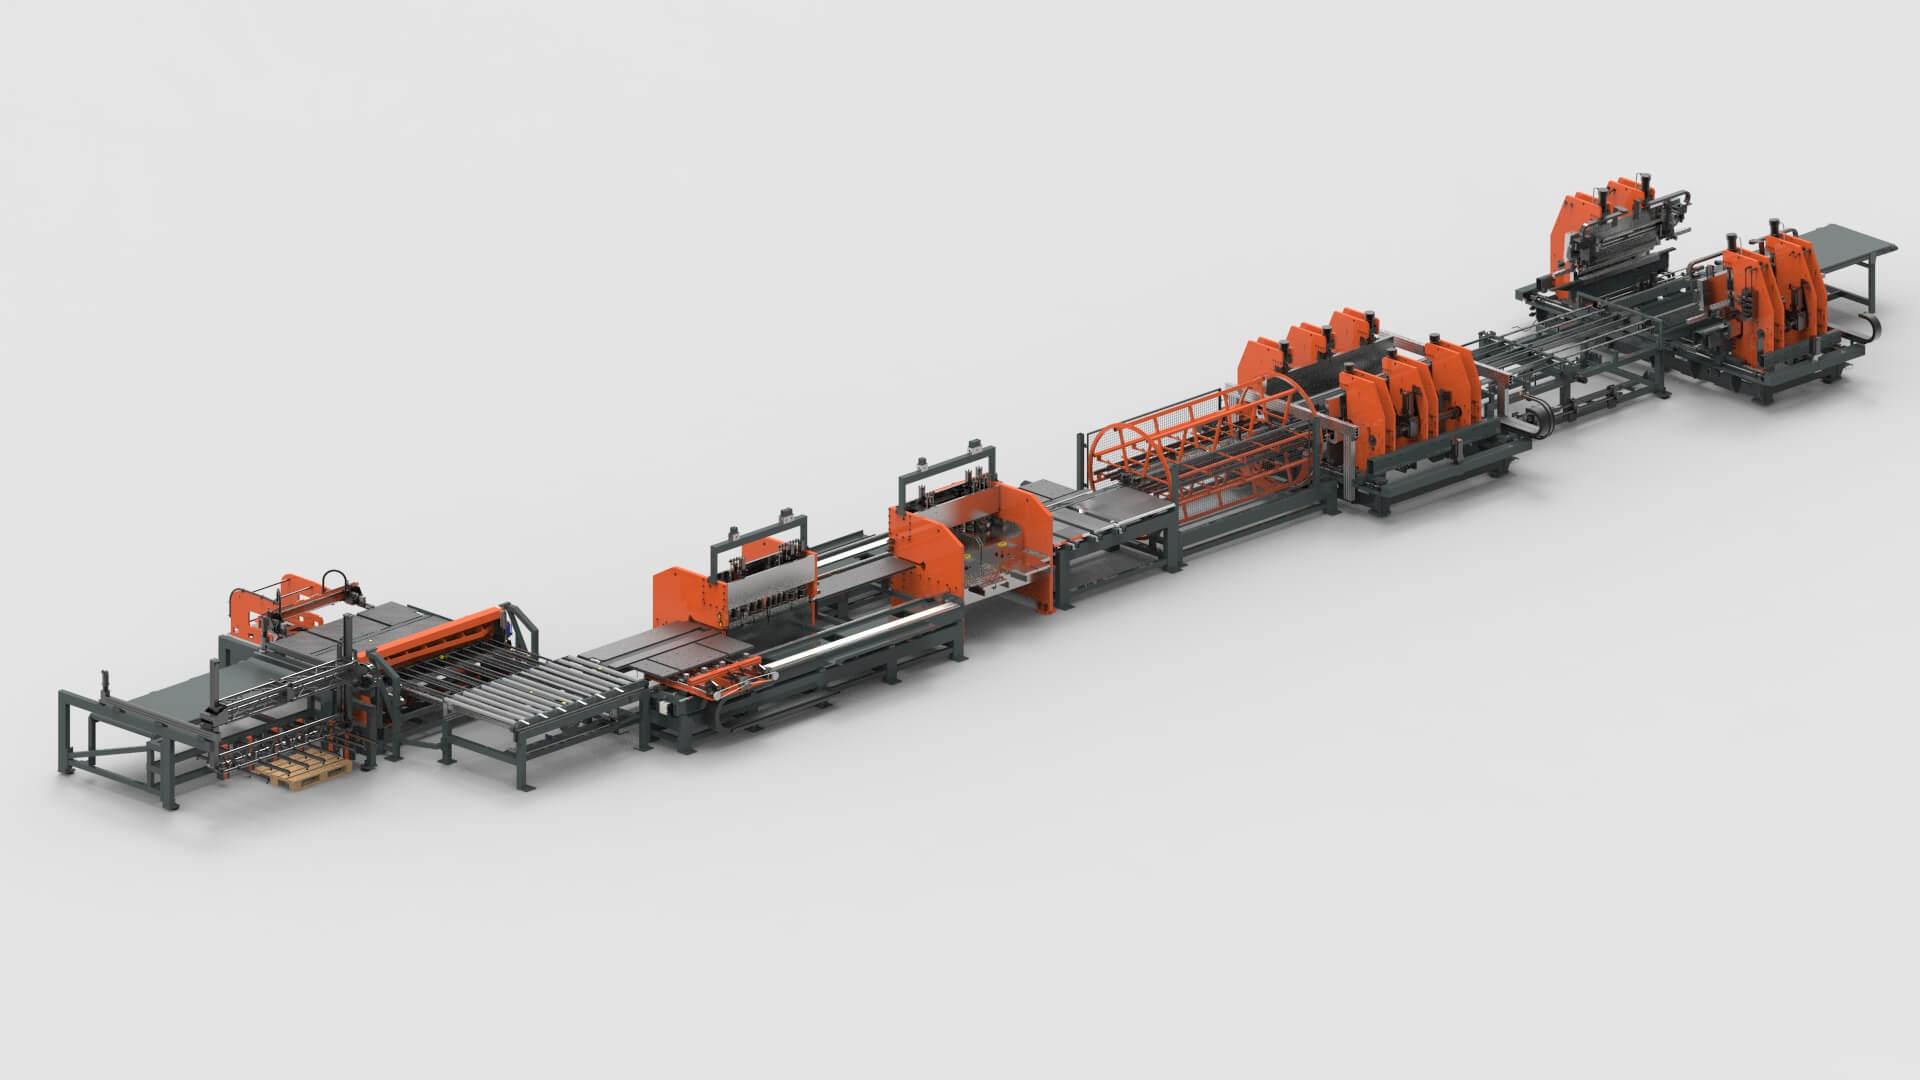 wemo-systeemwand-panelen-plaatbewerking-snijden-ponsen-buigen-productielijn.jpg